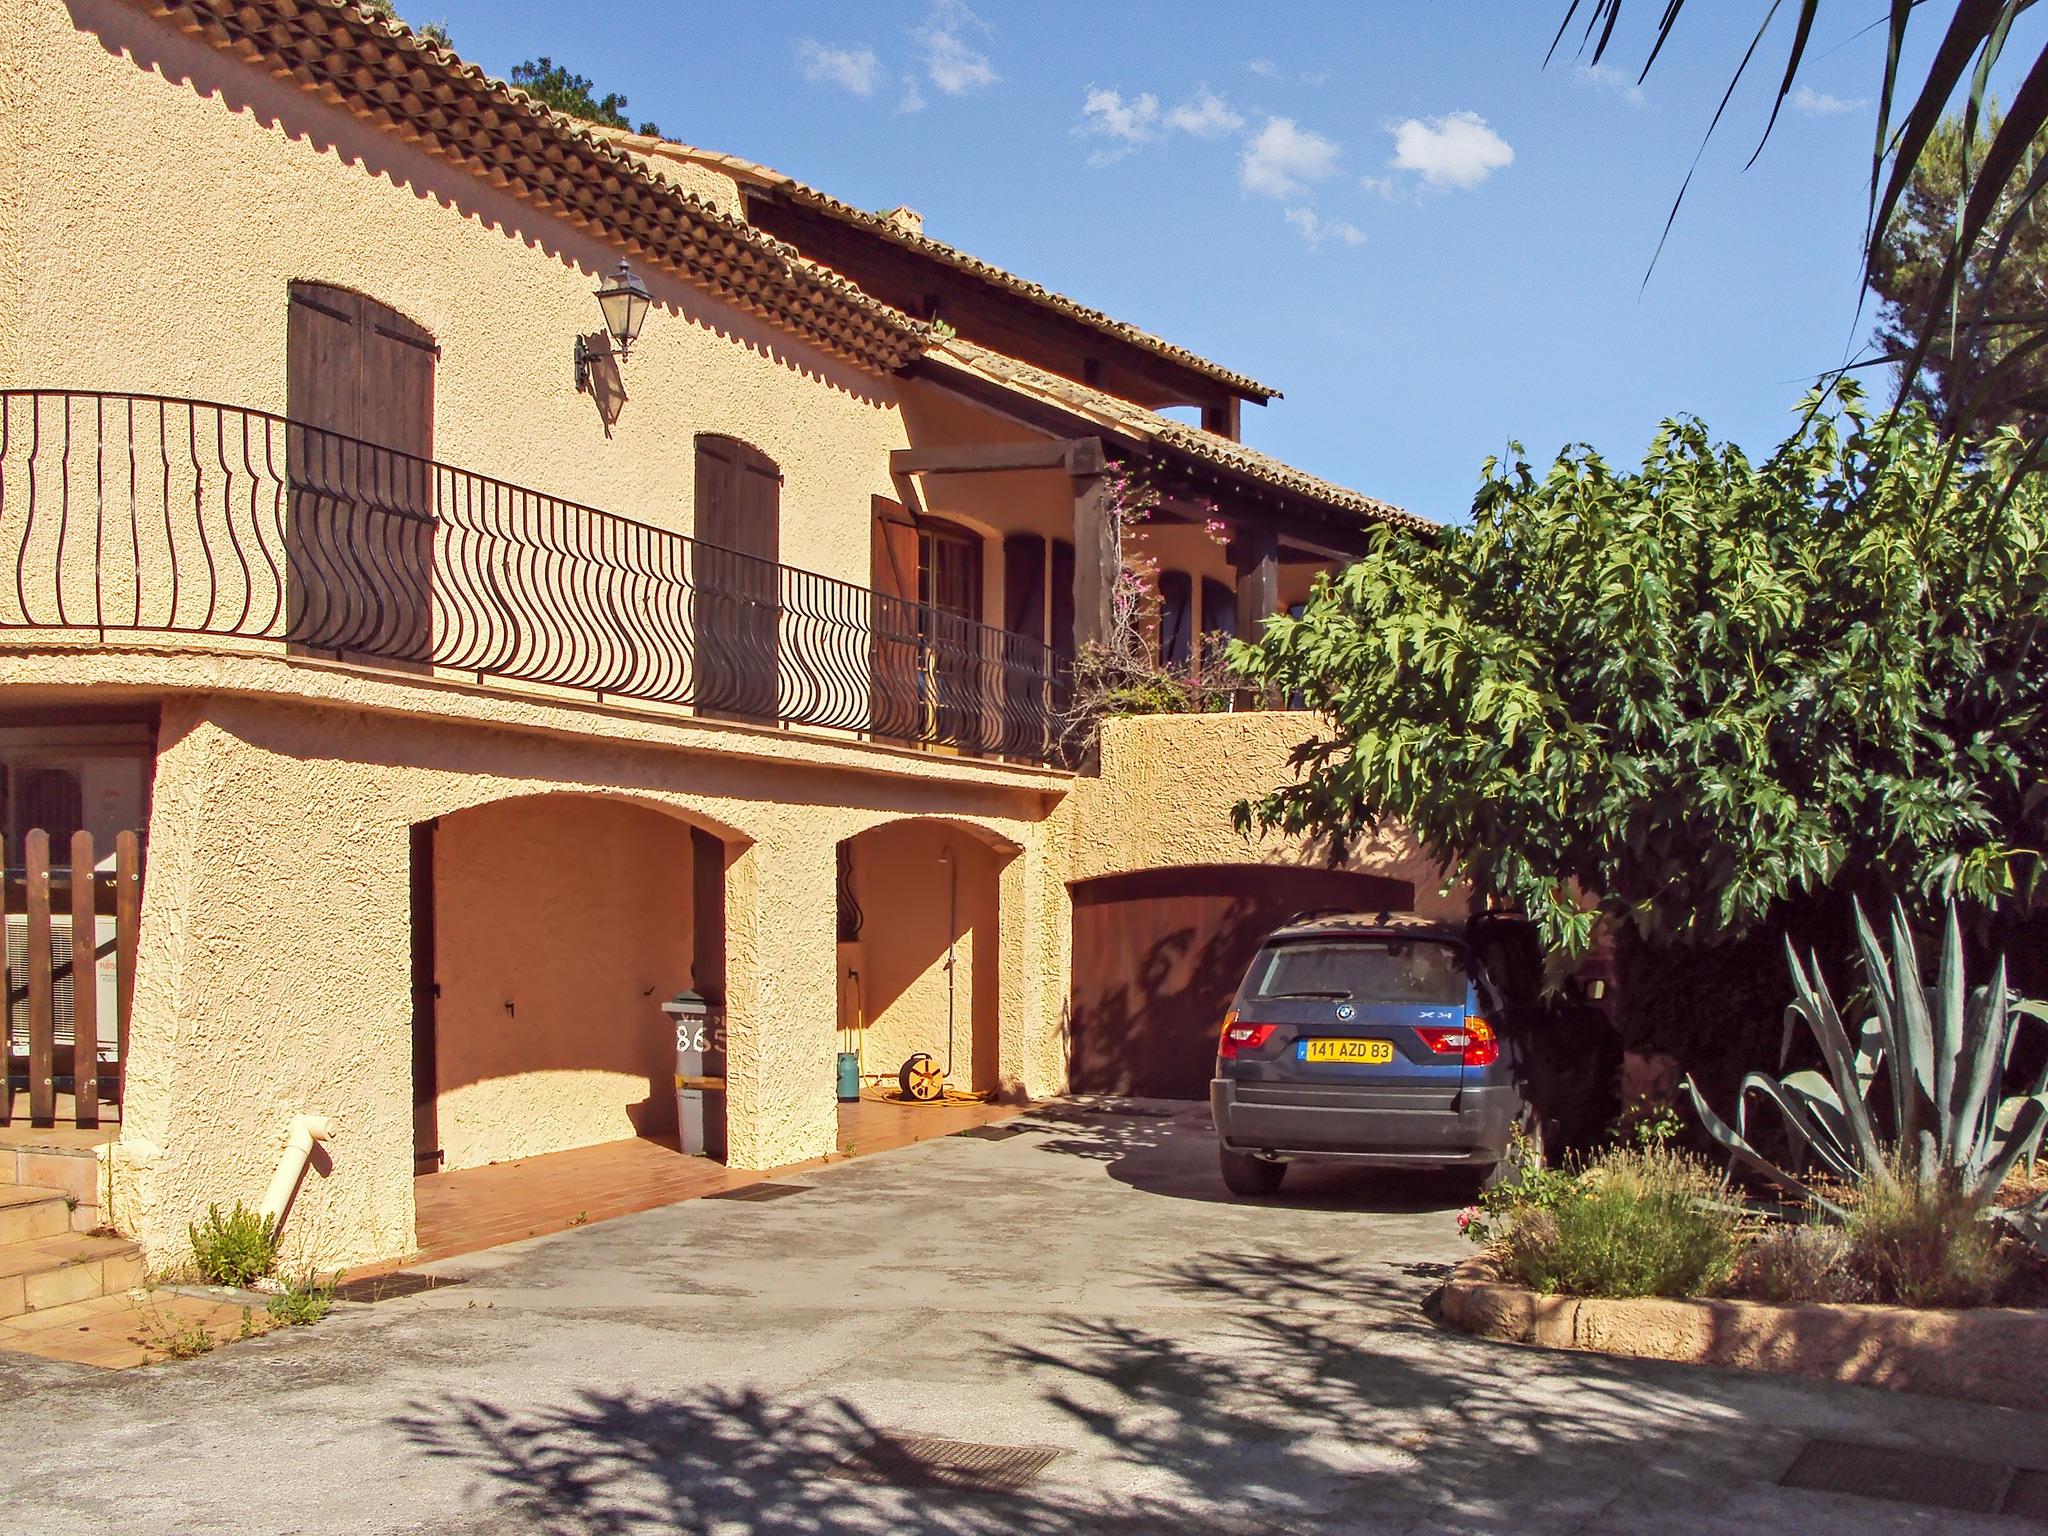 Holiday apartment Wohnung an der Côte d'Azur mit Terrasse, 900 m vom Strand und dem Zentrum entfernt (2202310), Cavalaire sur Mer, Côte d'Azur, Provence - Alps - Côte d'Azur, France, picture 8